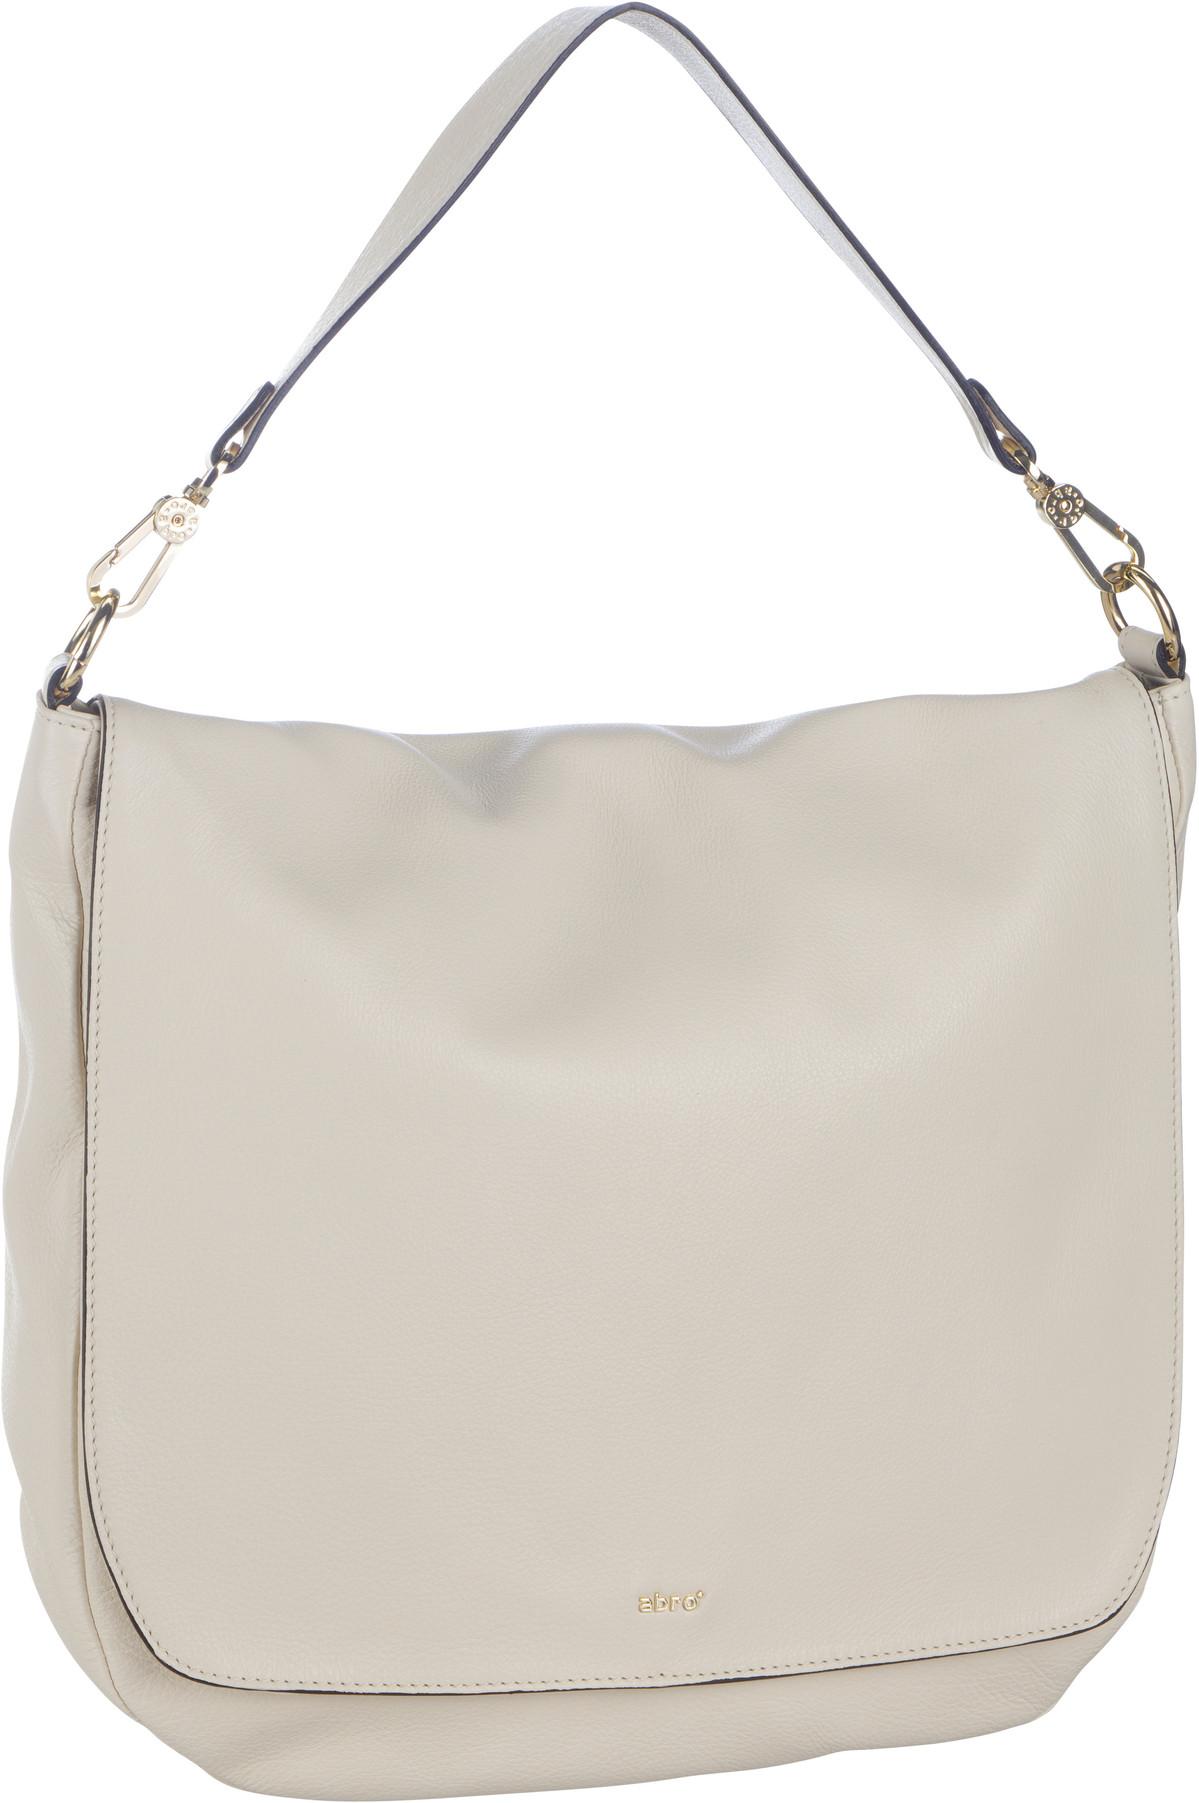 Handtasche Erna 28964 Ivory